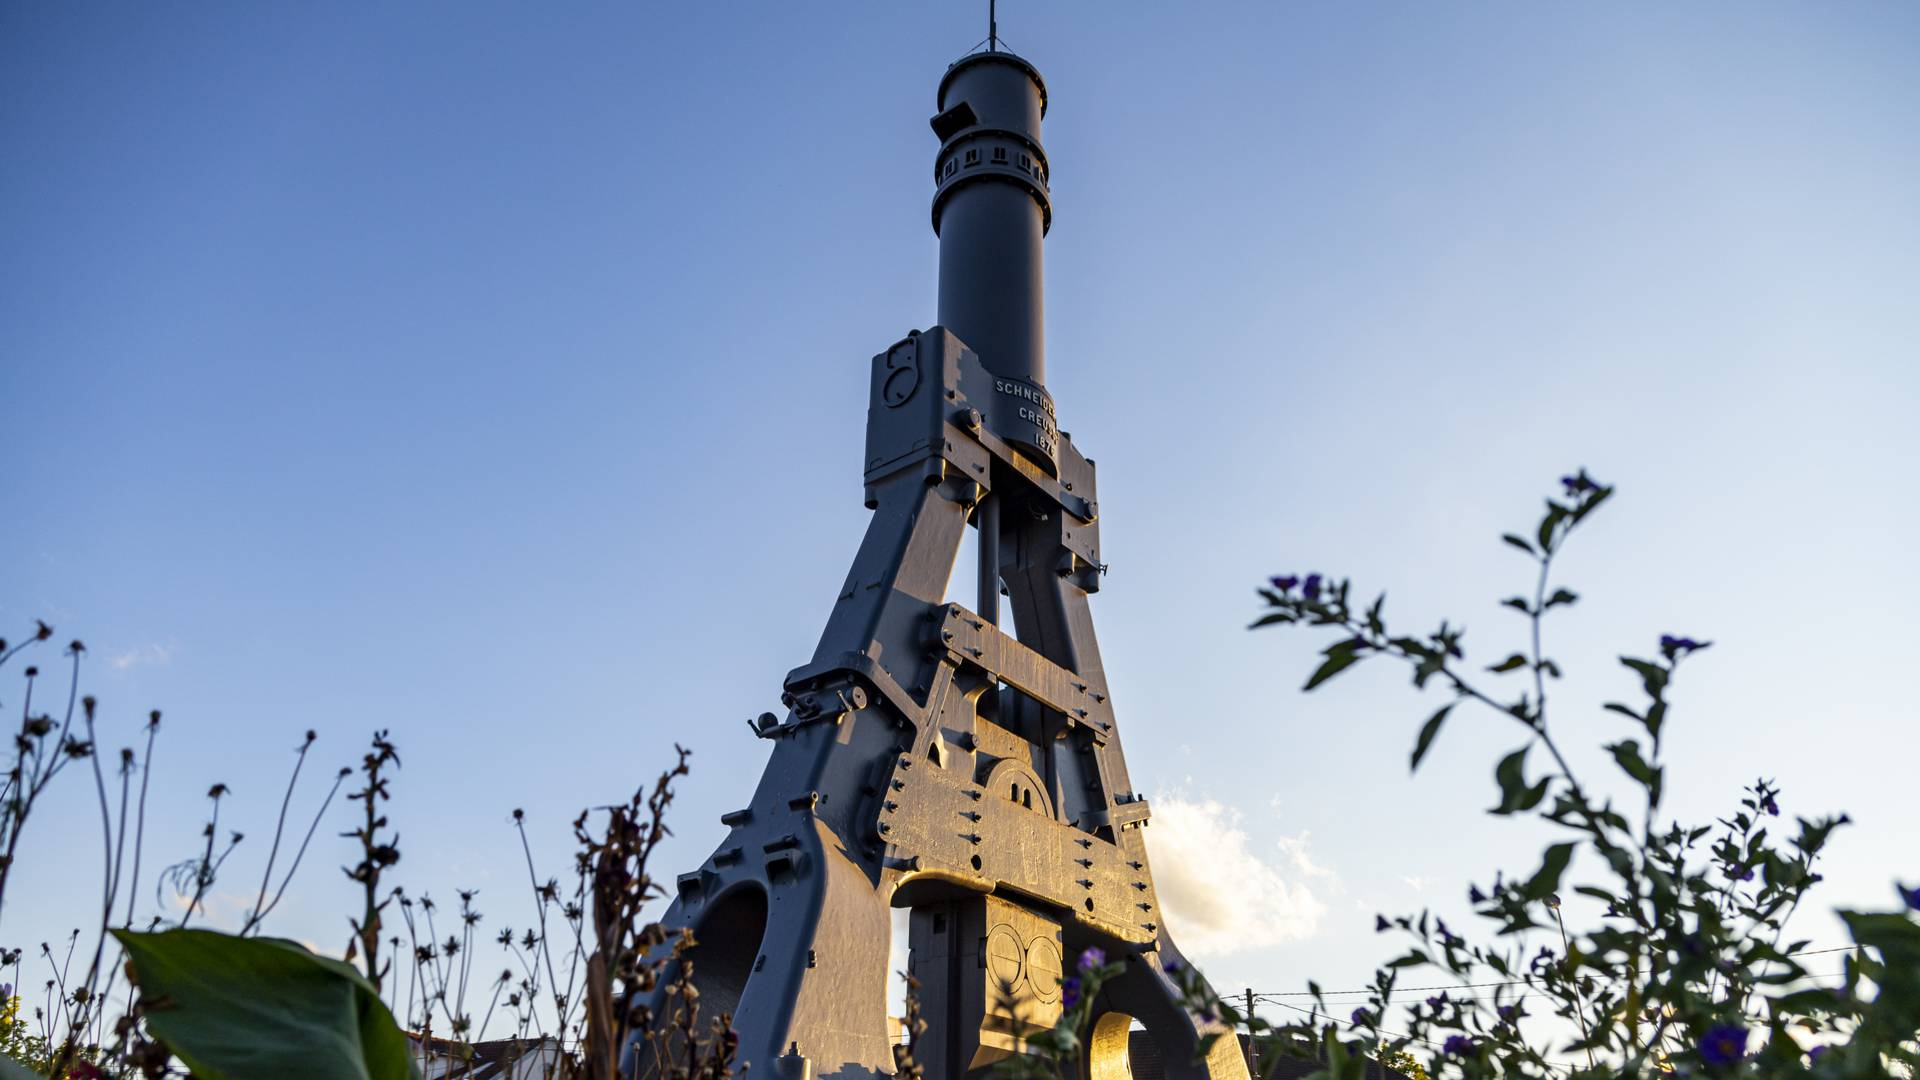 Le marteau-pilon, symbole du Creusot. © Lesley Williamson.